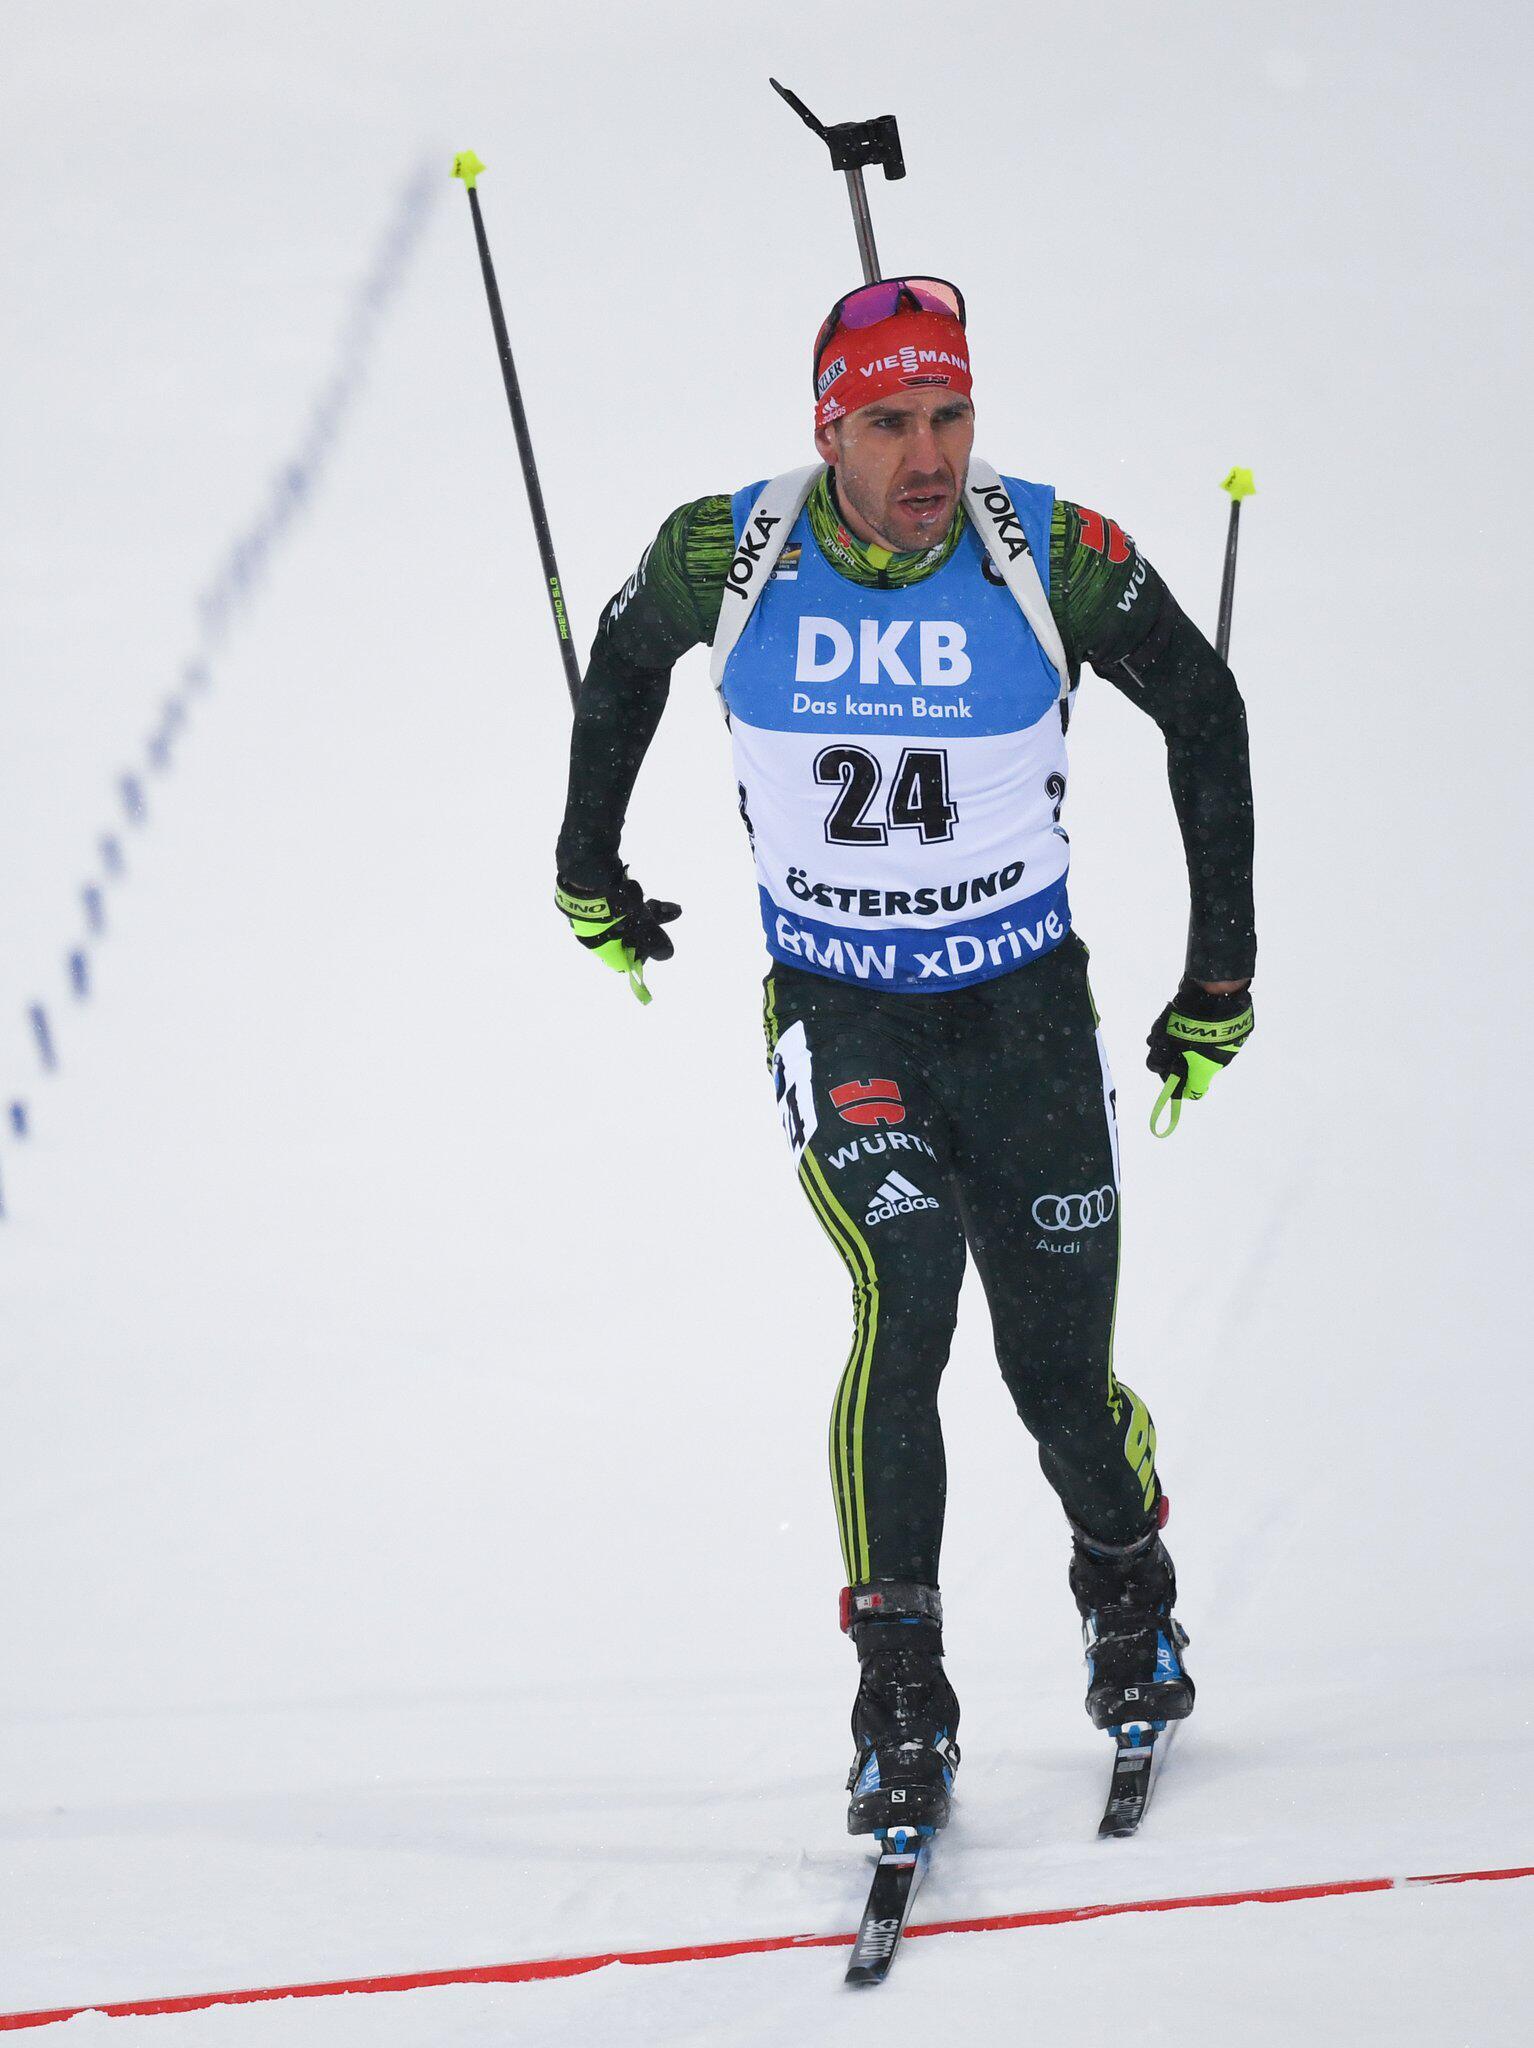 Bild zu Biathlon, Biathlon-WM, Arnd Peiffer, Östersund, Einzelrennen, Ziel